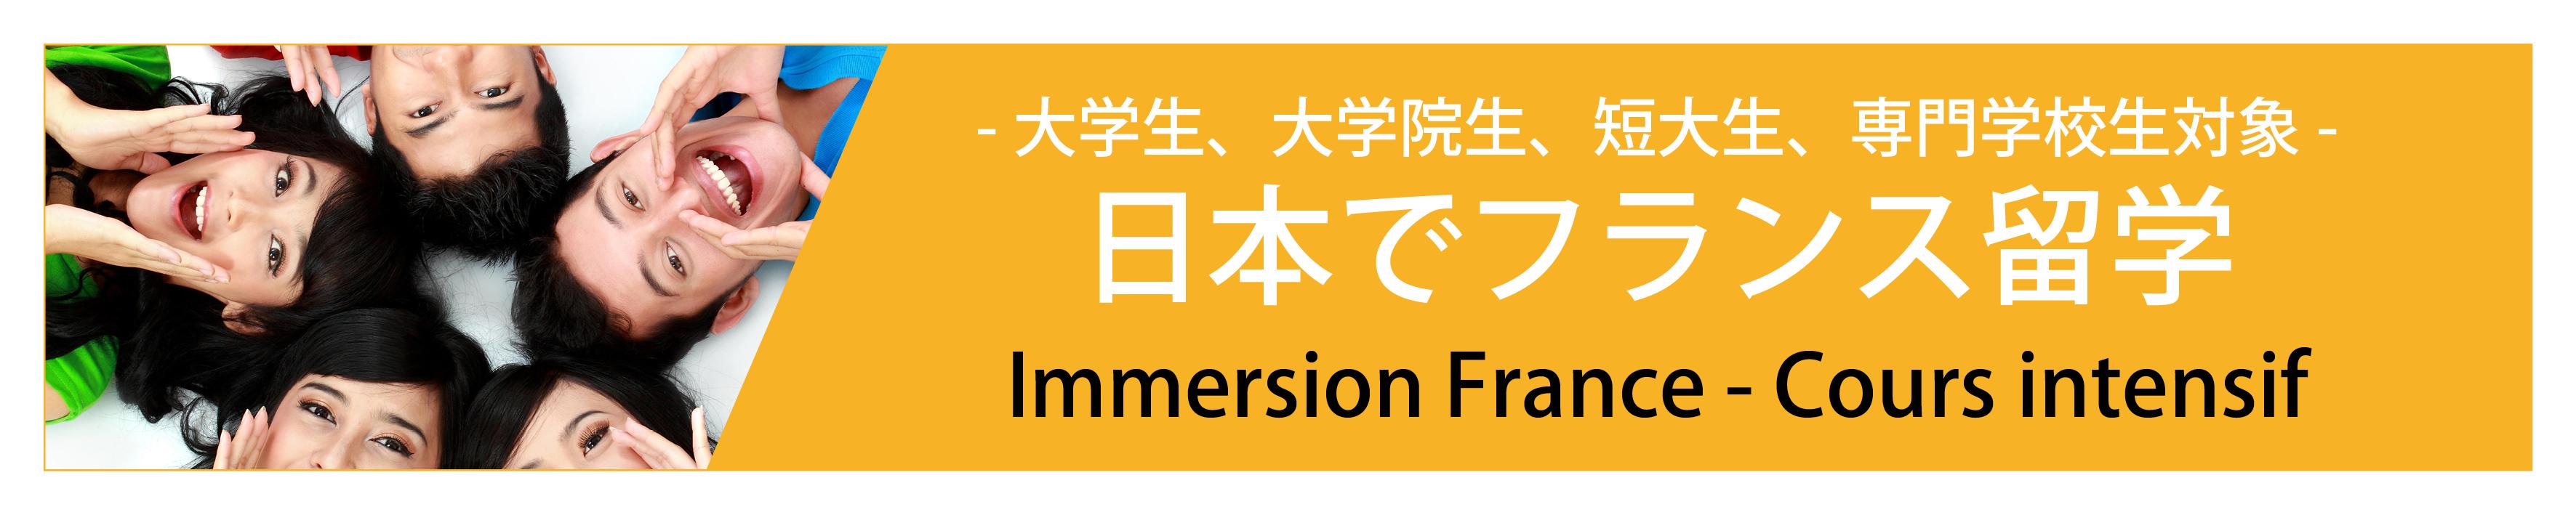 大学生向け短期集中講座 日本でフランス留学